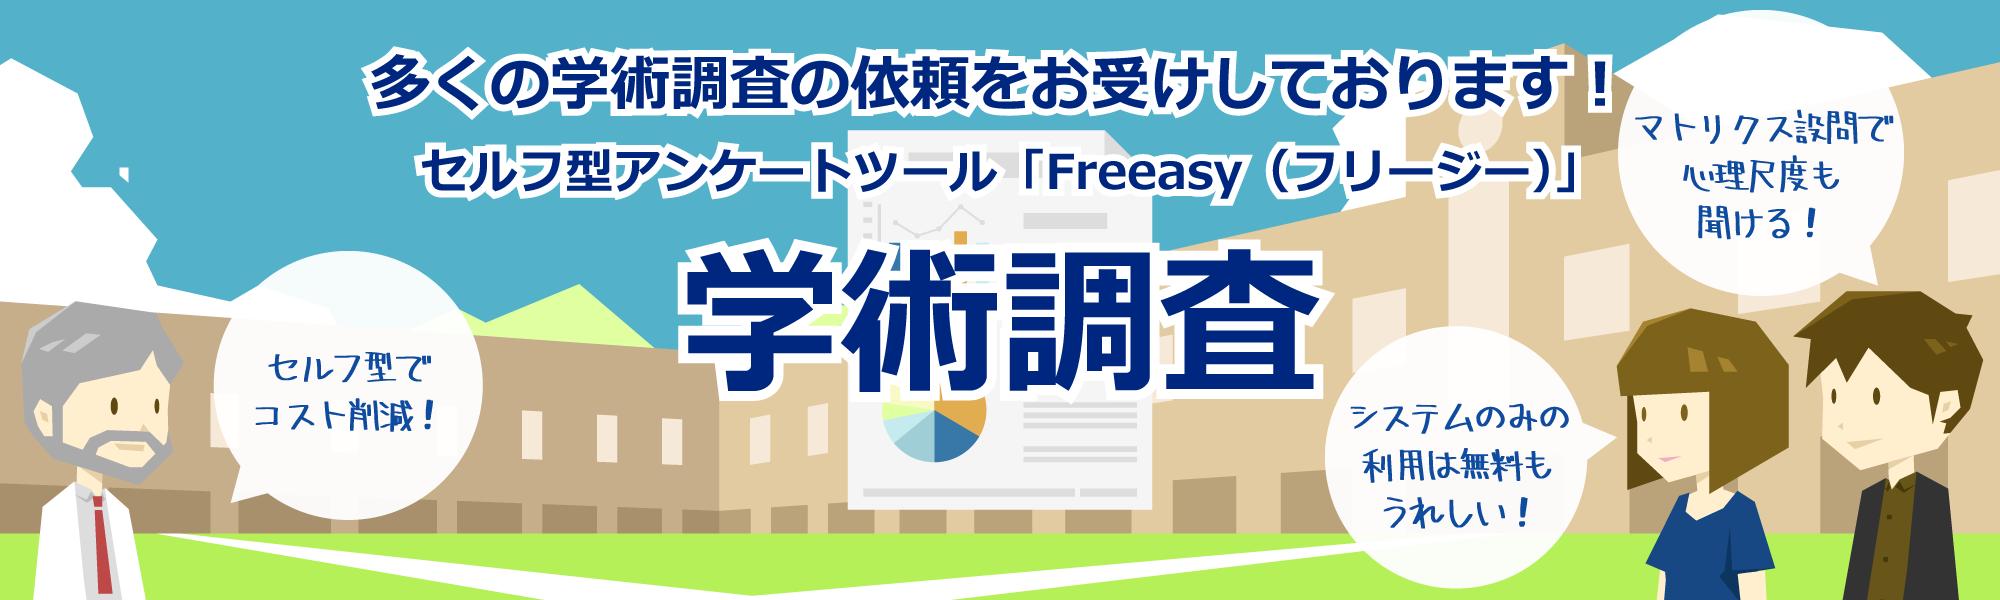 多くの学術調査の依頼をお受けしております!セルフ型アンケートツール「Freeasy(フリージー)」で学術調査